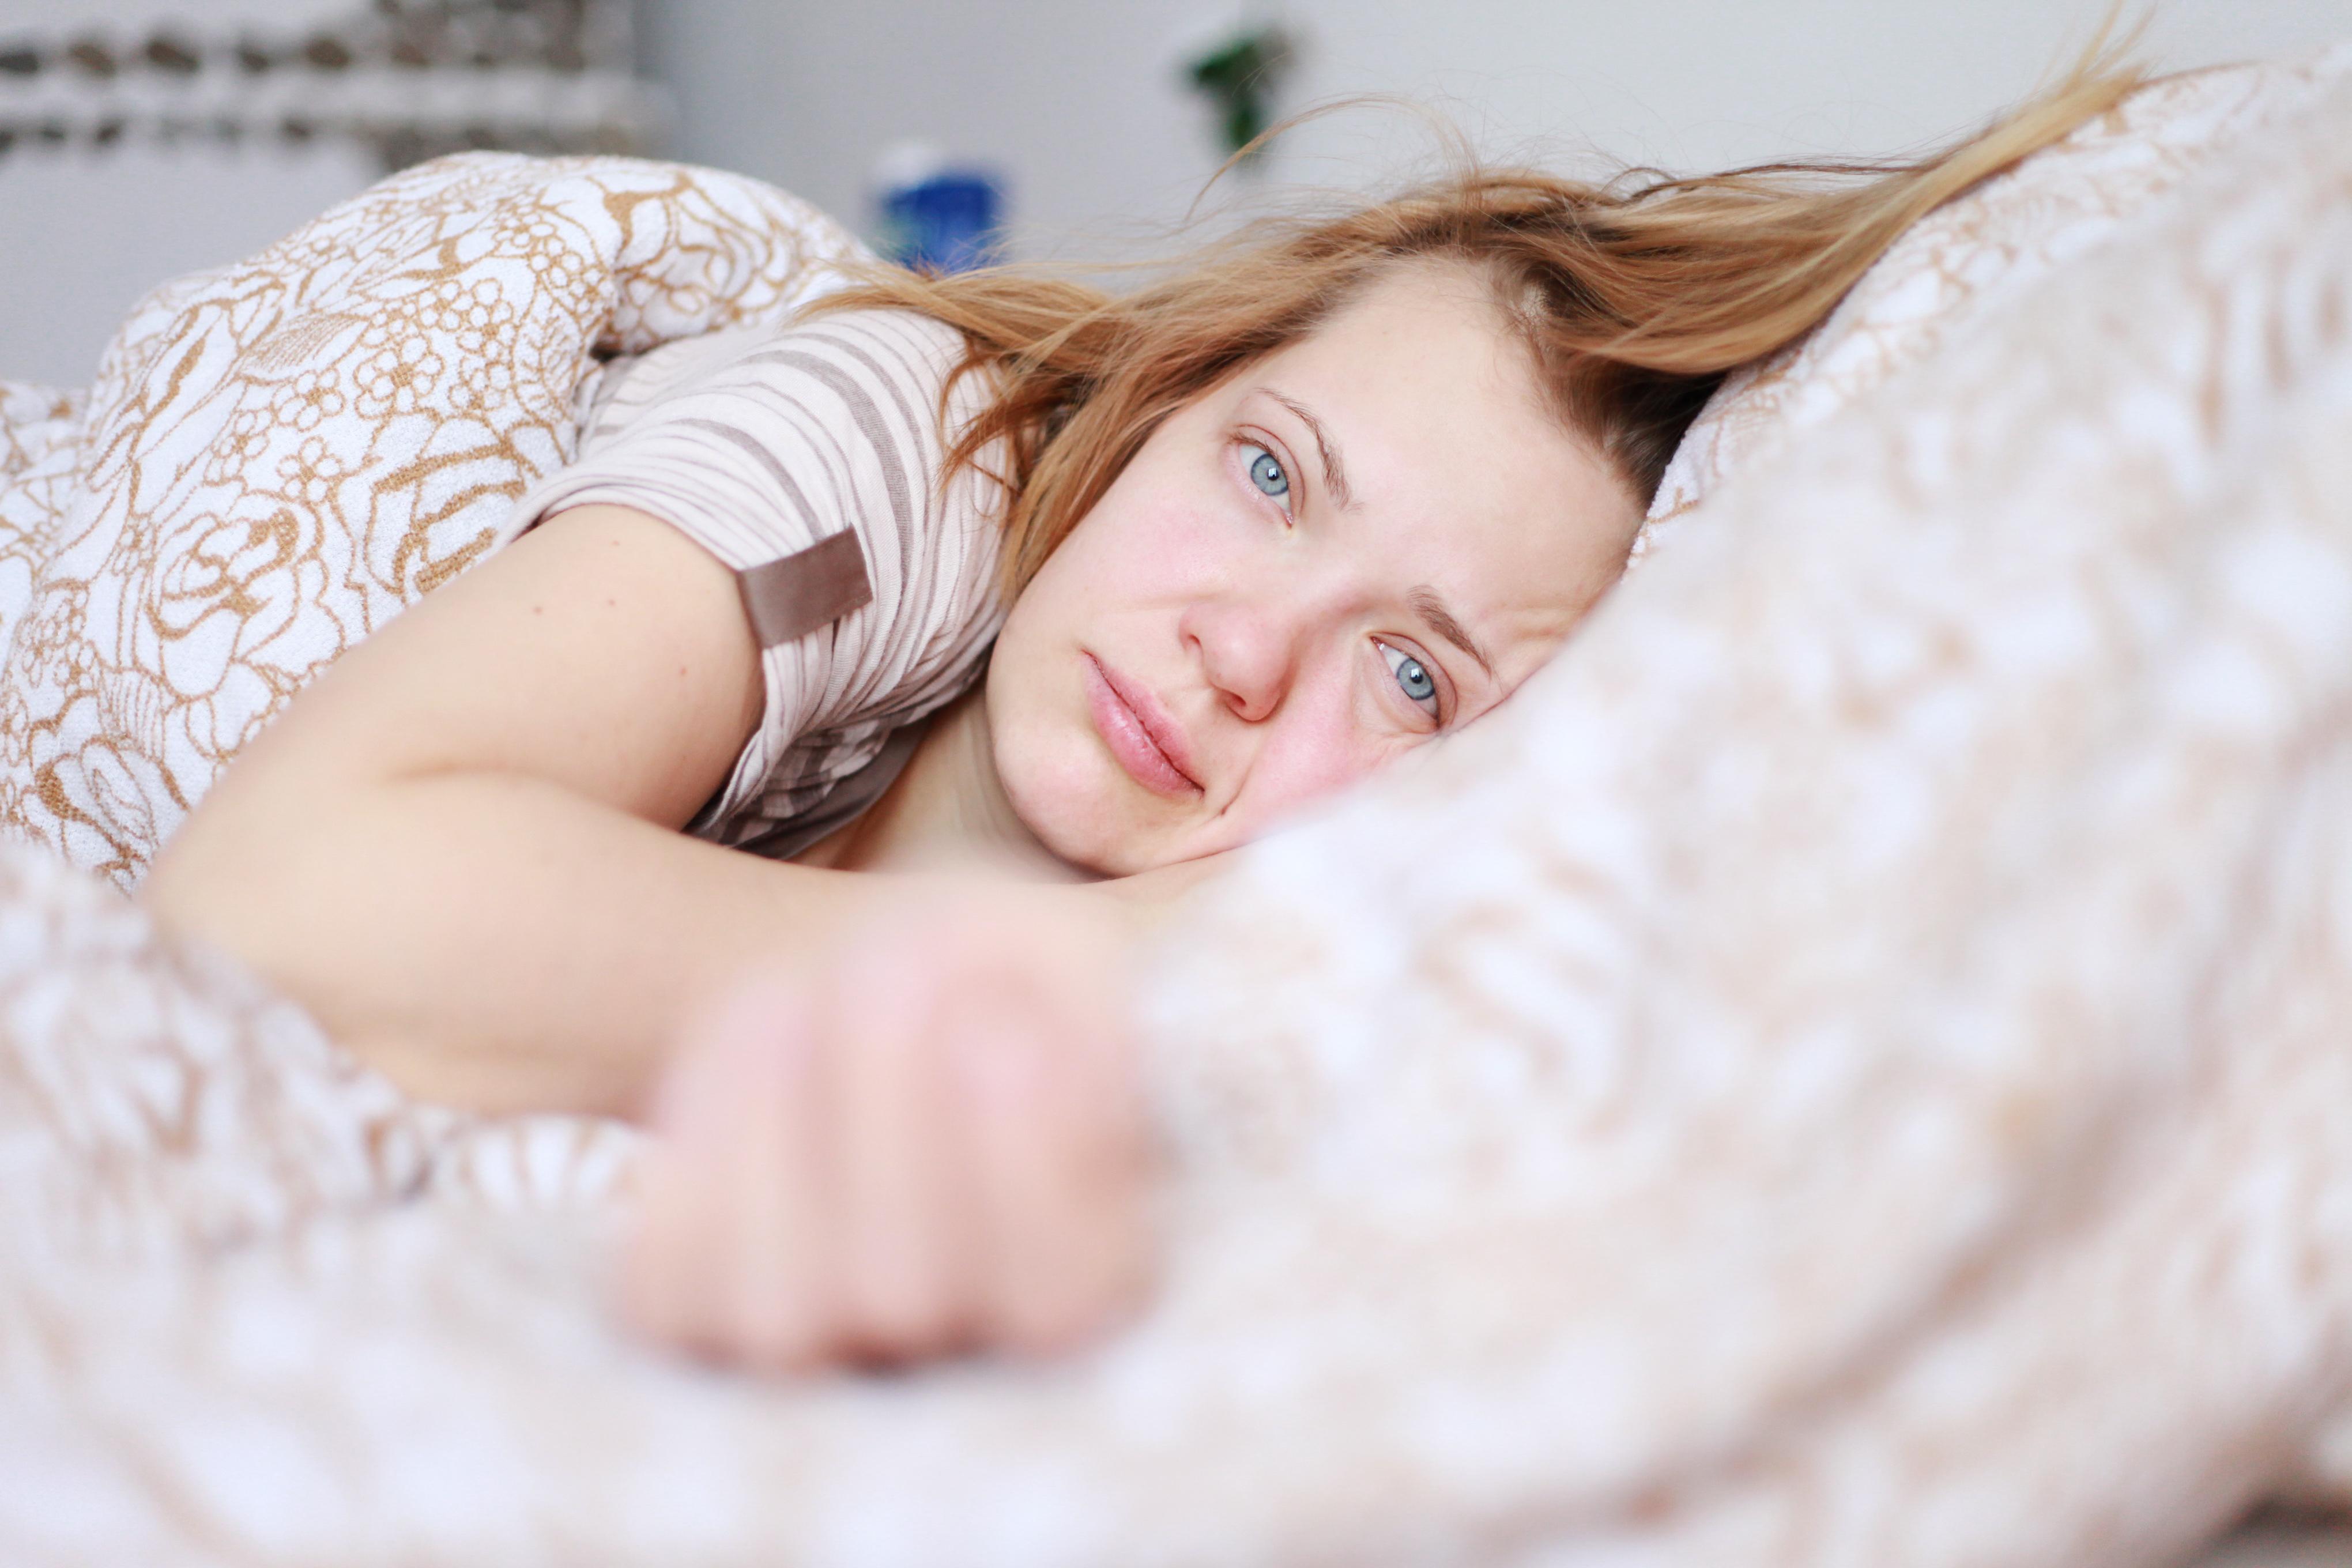 För vissa kan det ta längre tid än för andra att anpassa sig efter att ha förlorat en timmes sömn i samband med att vi ställer om till sommartid.